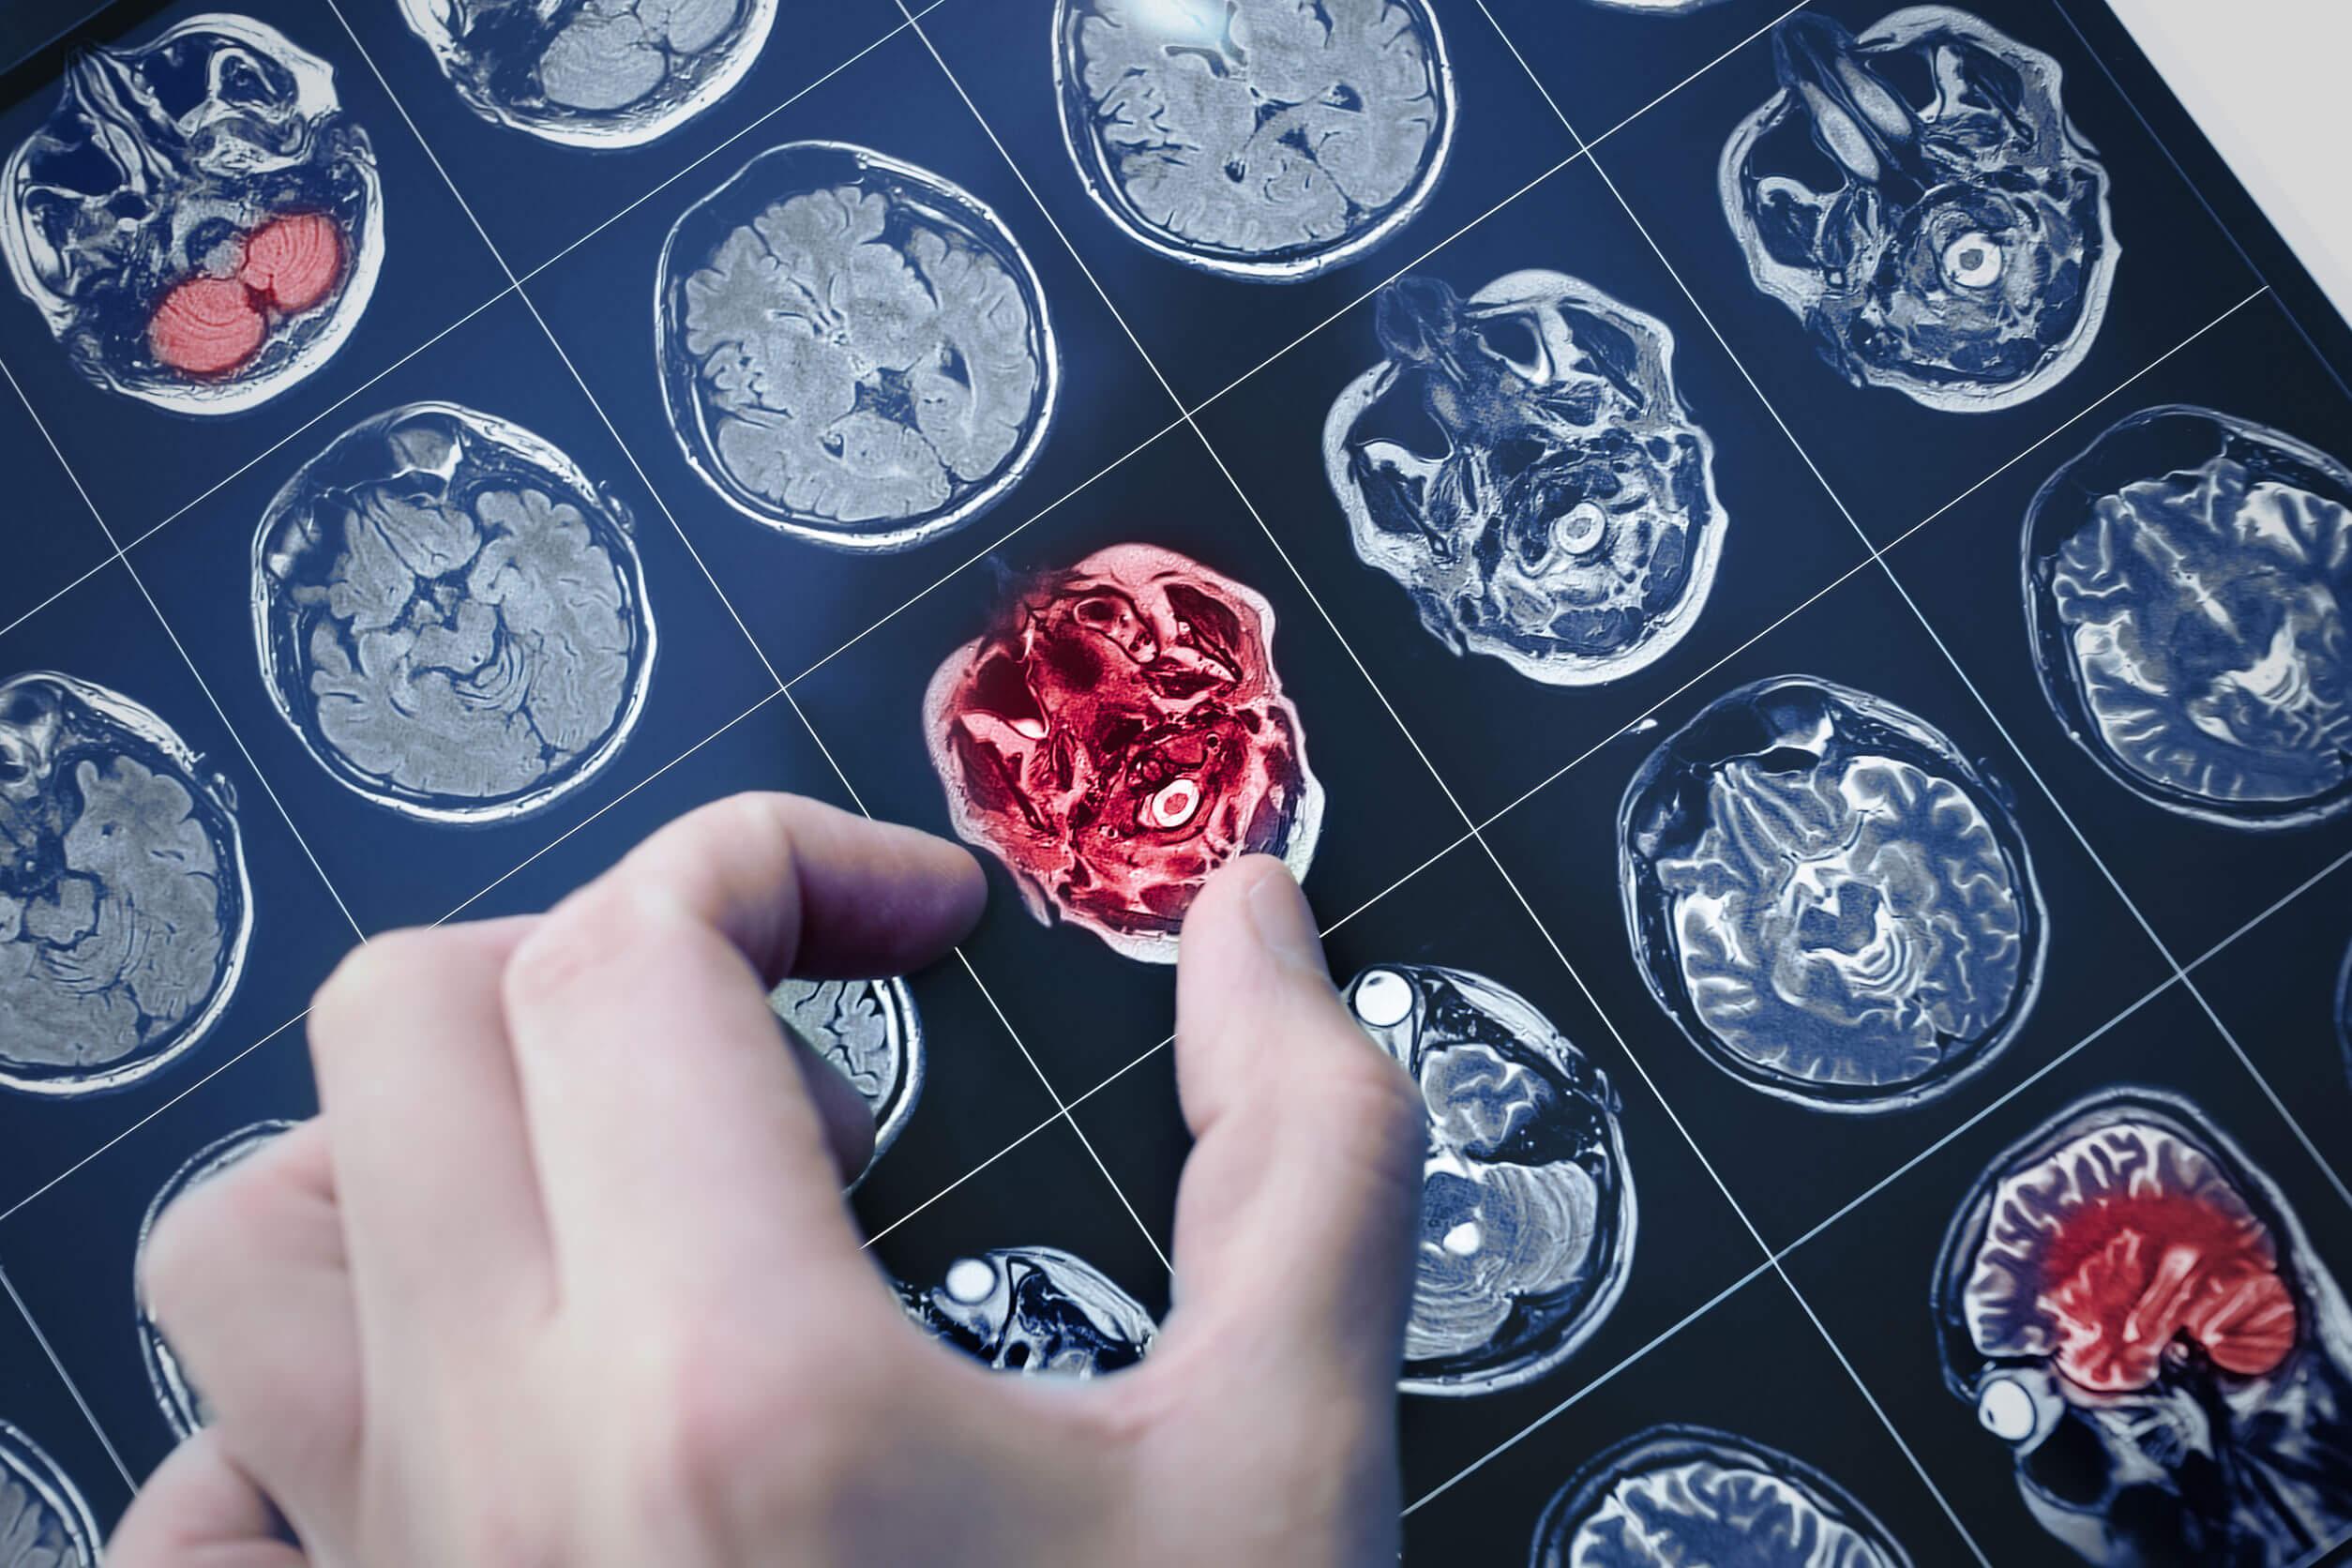 El glioma cerebral se detecta con técnicas de imagen.